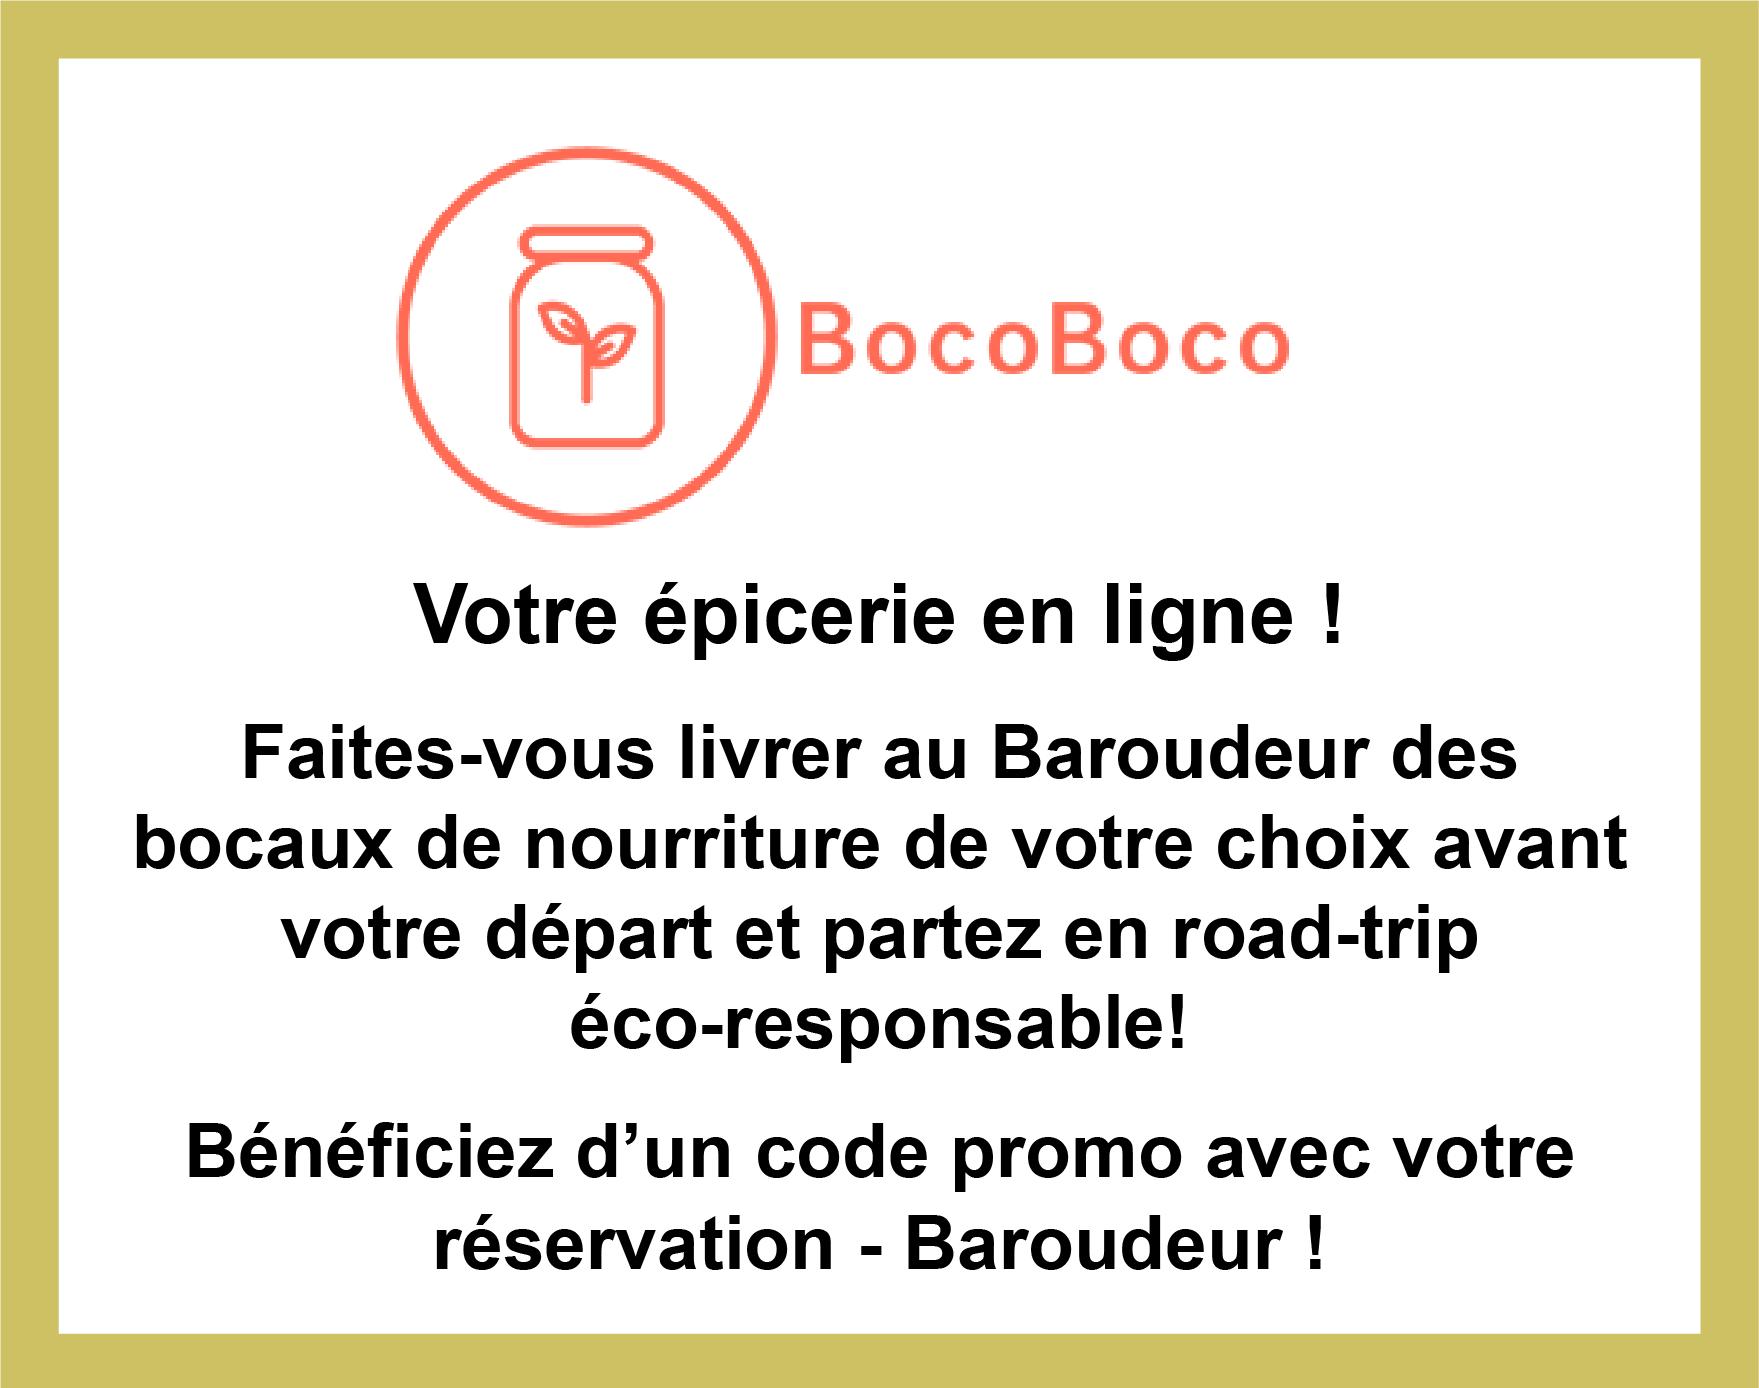 Partenariat avec BocoBoco pour partir en roadtrip écoreponsable avec des bocaux de nourriture